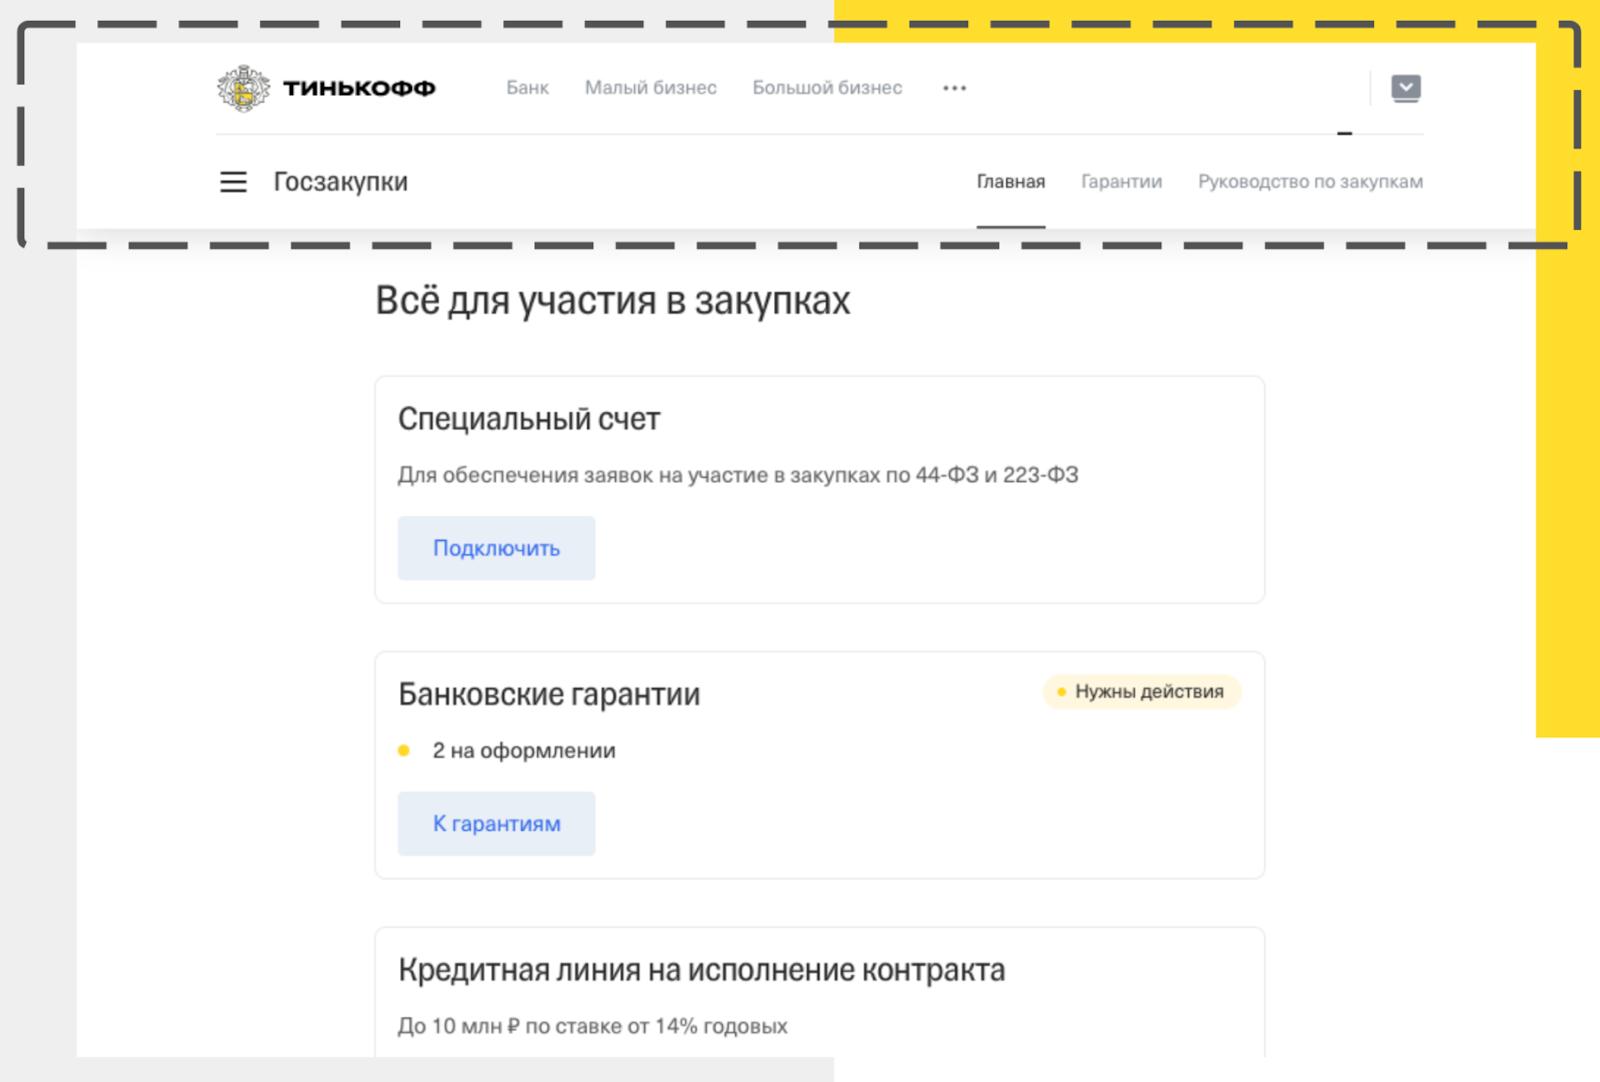 Подсвеченная область отдельное приложение Frame Manager